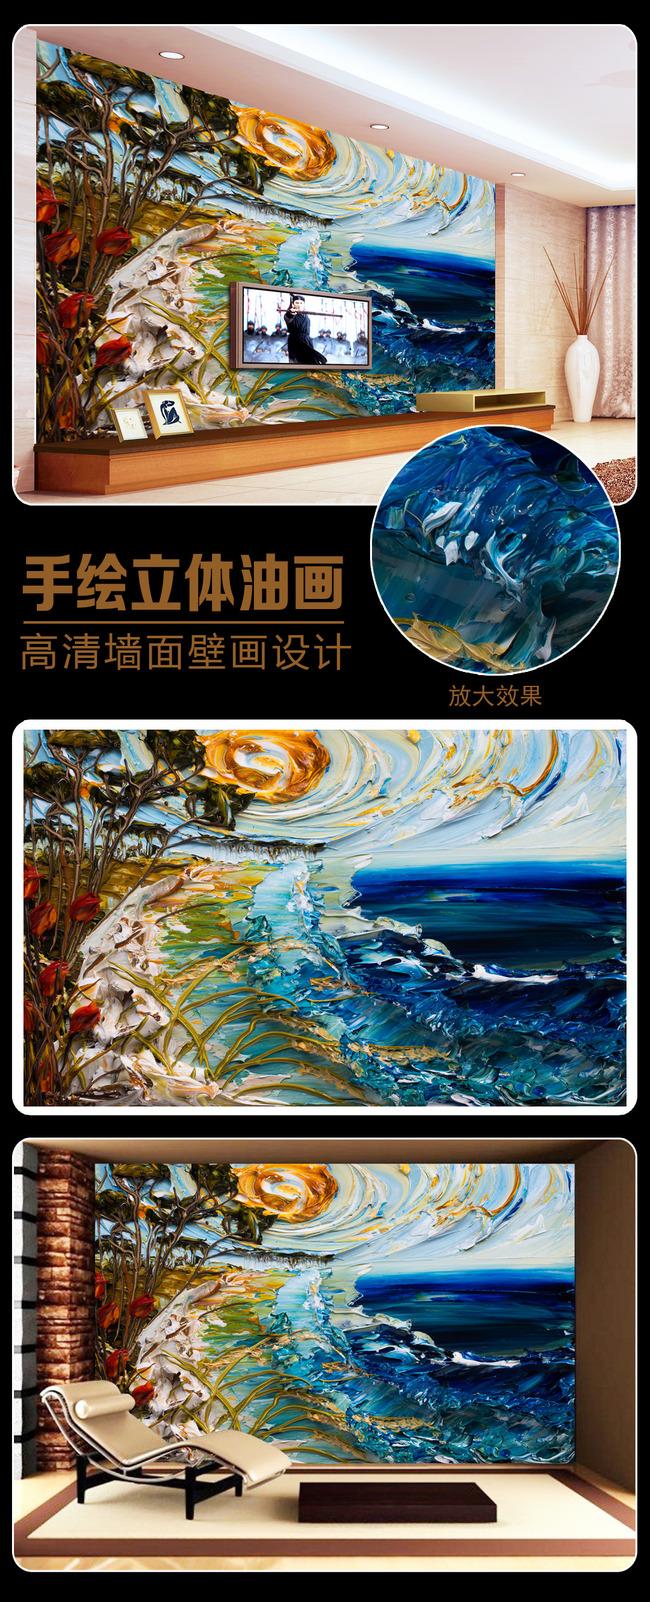 > 手绘海滩风景油画立体油画壁画风景画背景墙  关键词: 3d壁画 手绘